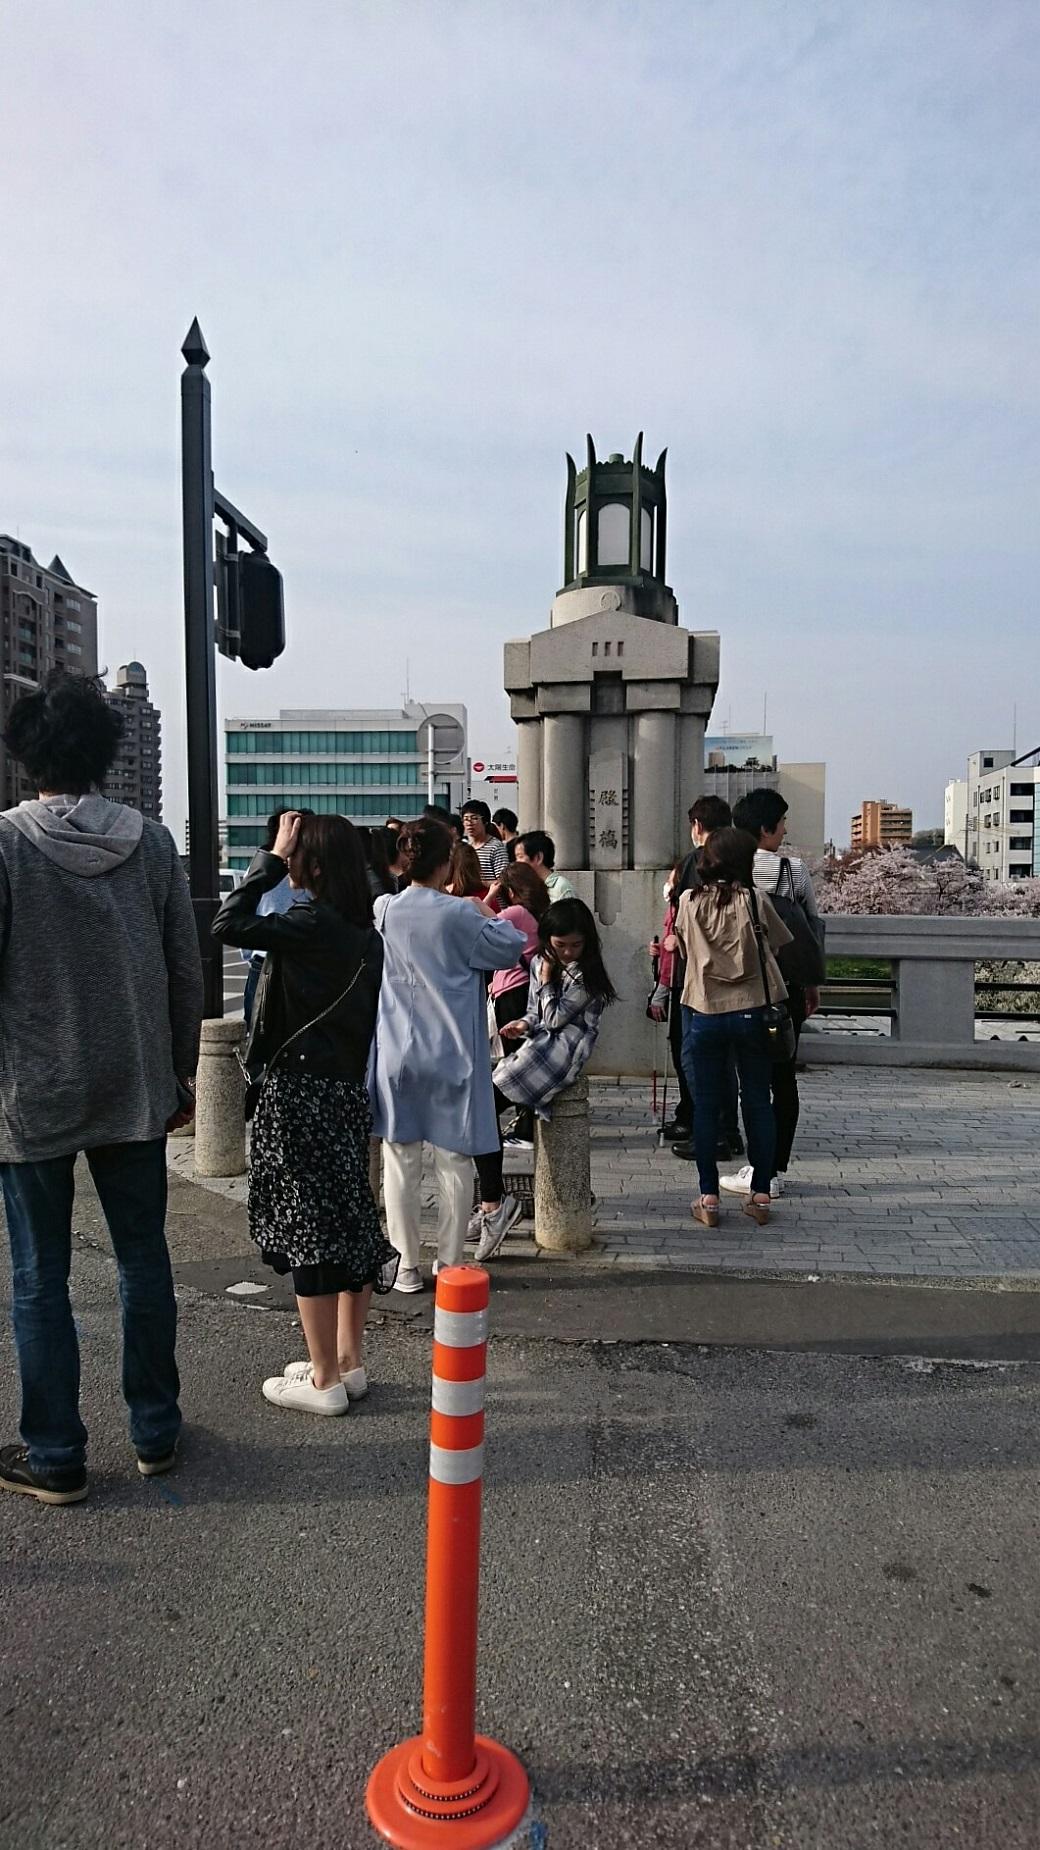 2018.4.1 東岡崎 (15) 殿橋みなみづめ 1040-1850